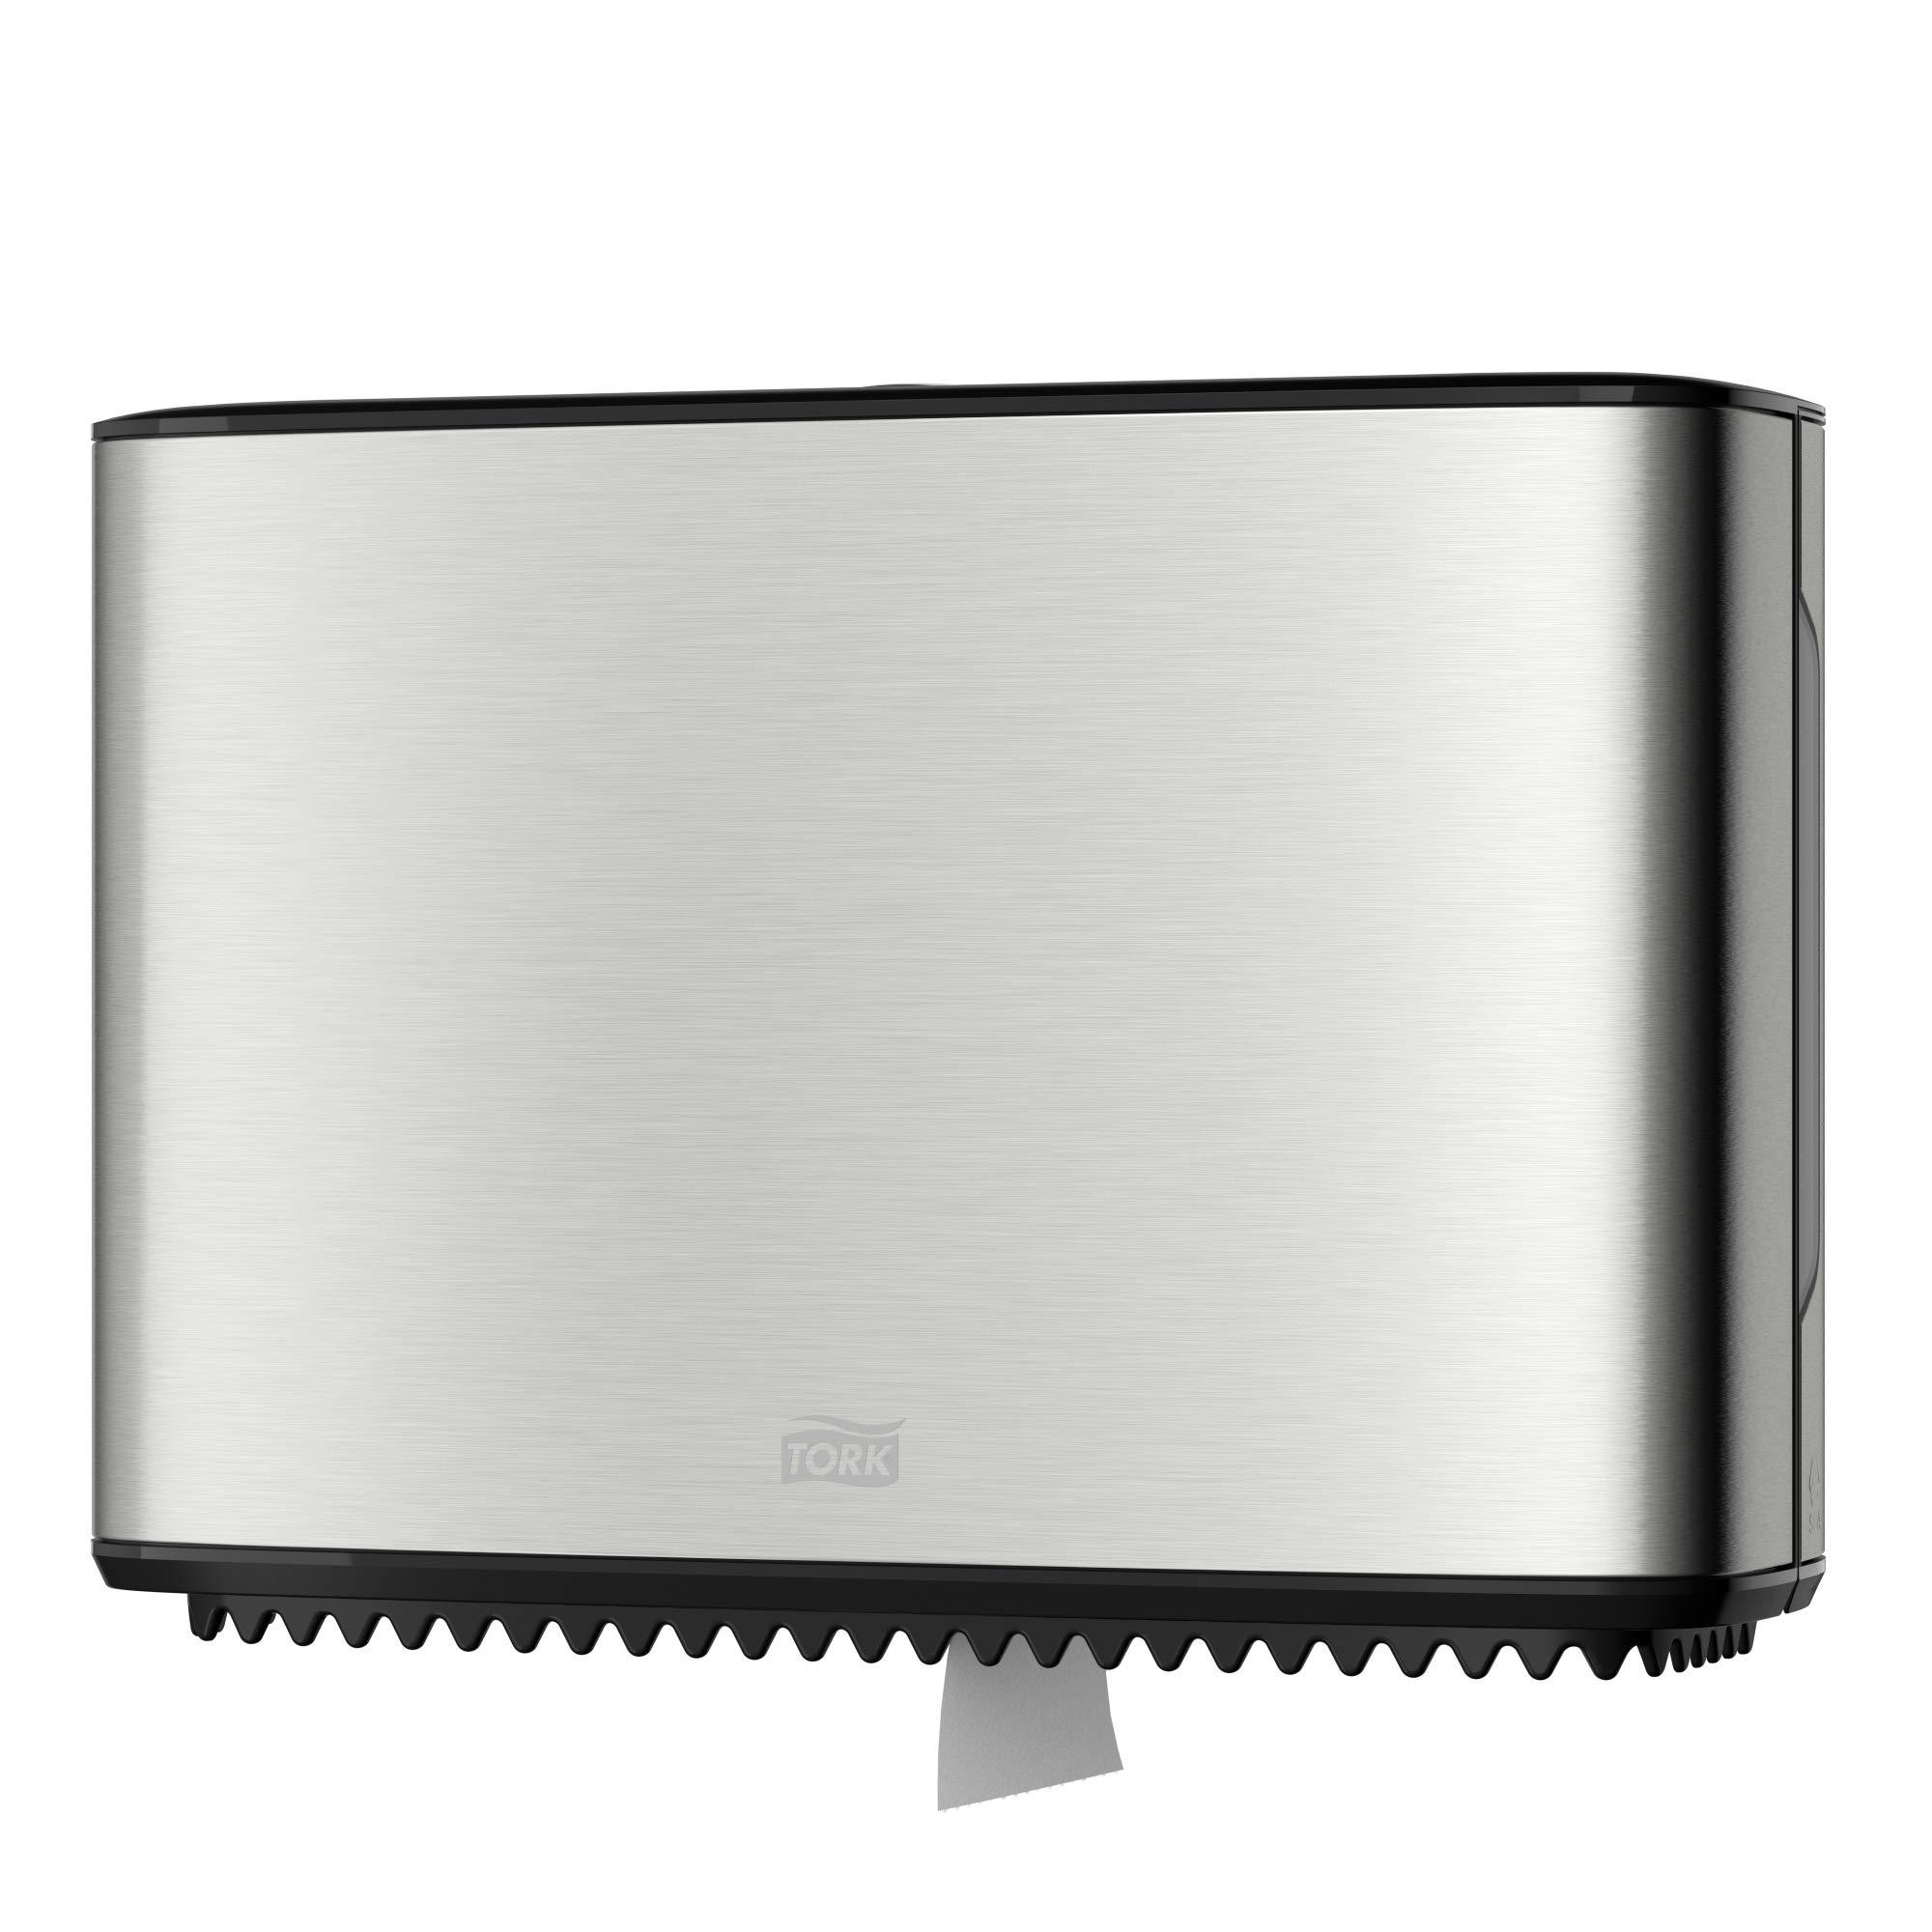 Tork 465500 Image Design Mini Jumbo Bath Tissue Roll Dispenser, 9.875'' Height x 14.0'' Width x 5.125'' Depth, Stainless Steel (Case of 1 Dispenser) For use with Tork 11020602, 12024402, 120246, 12013903